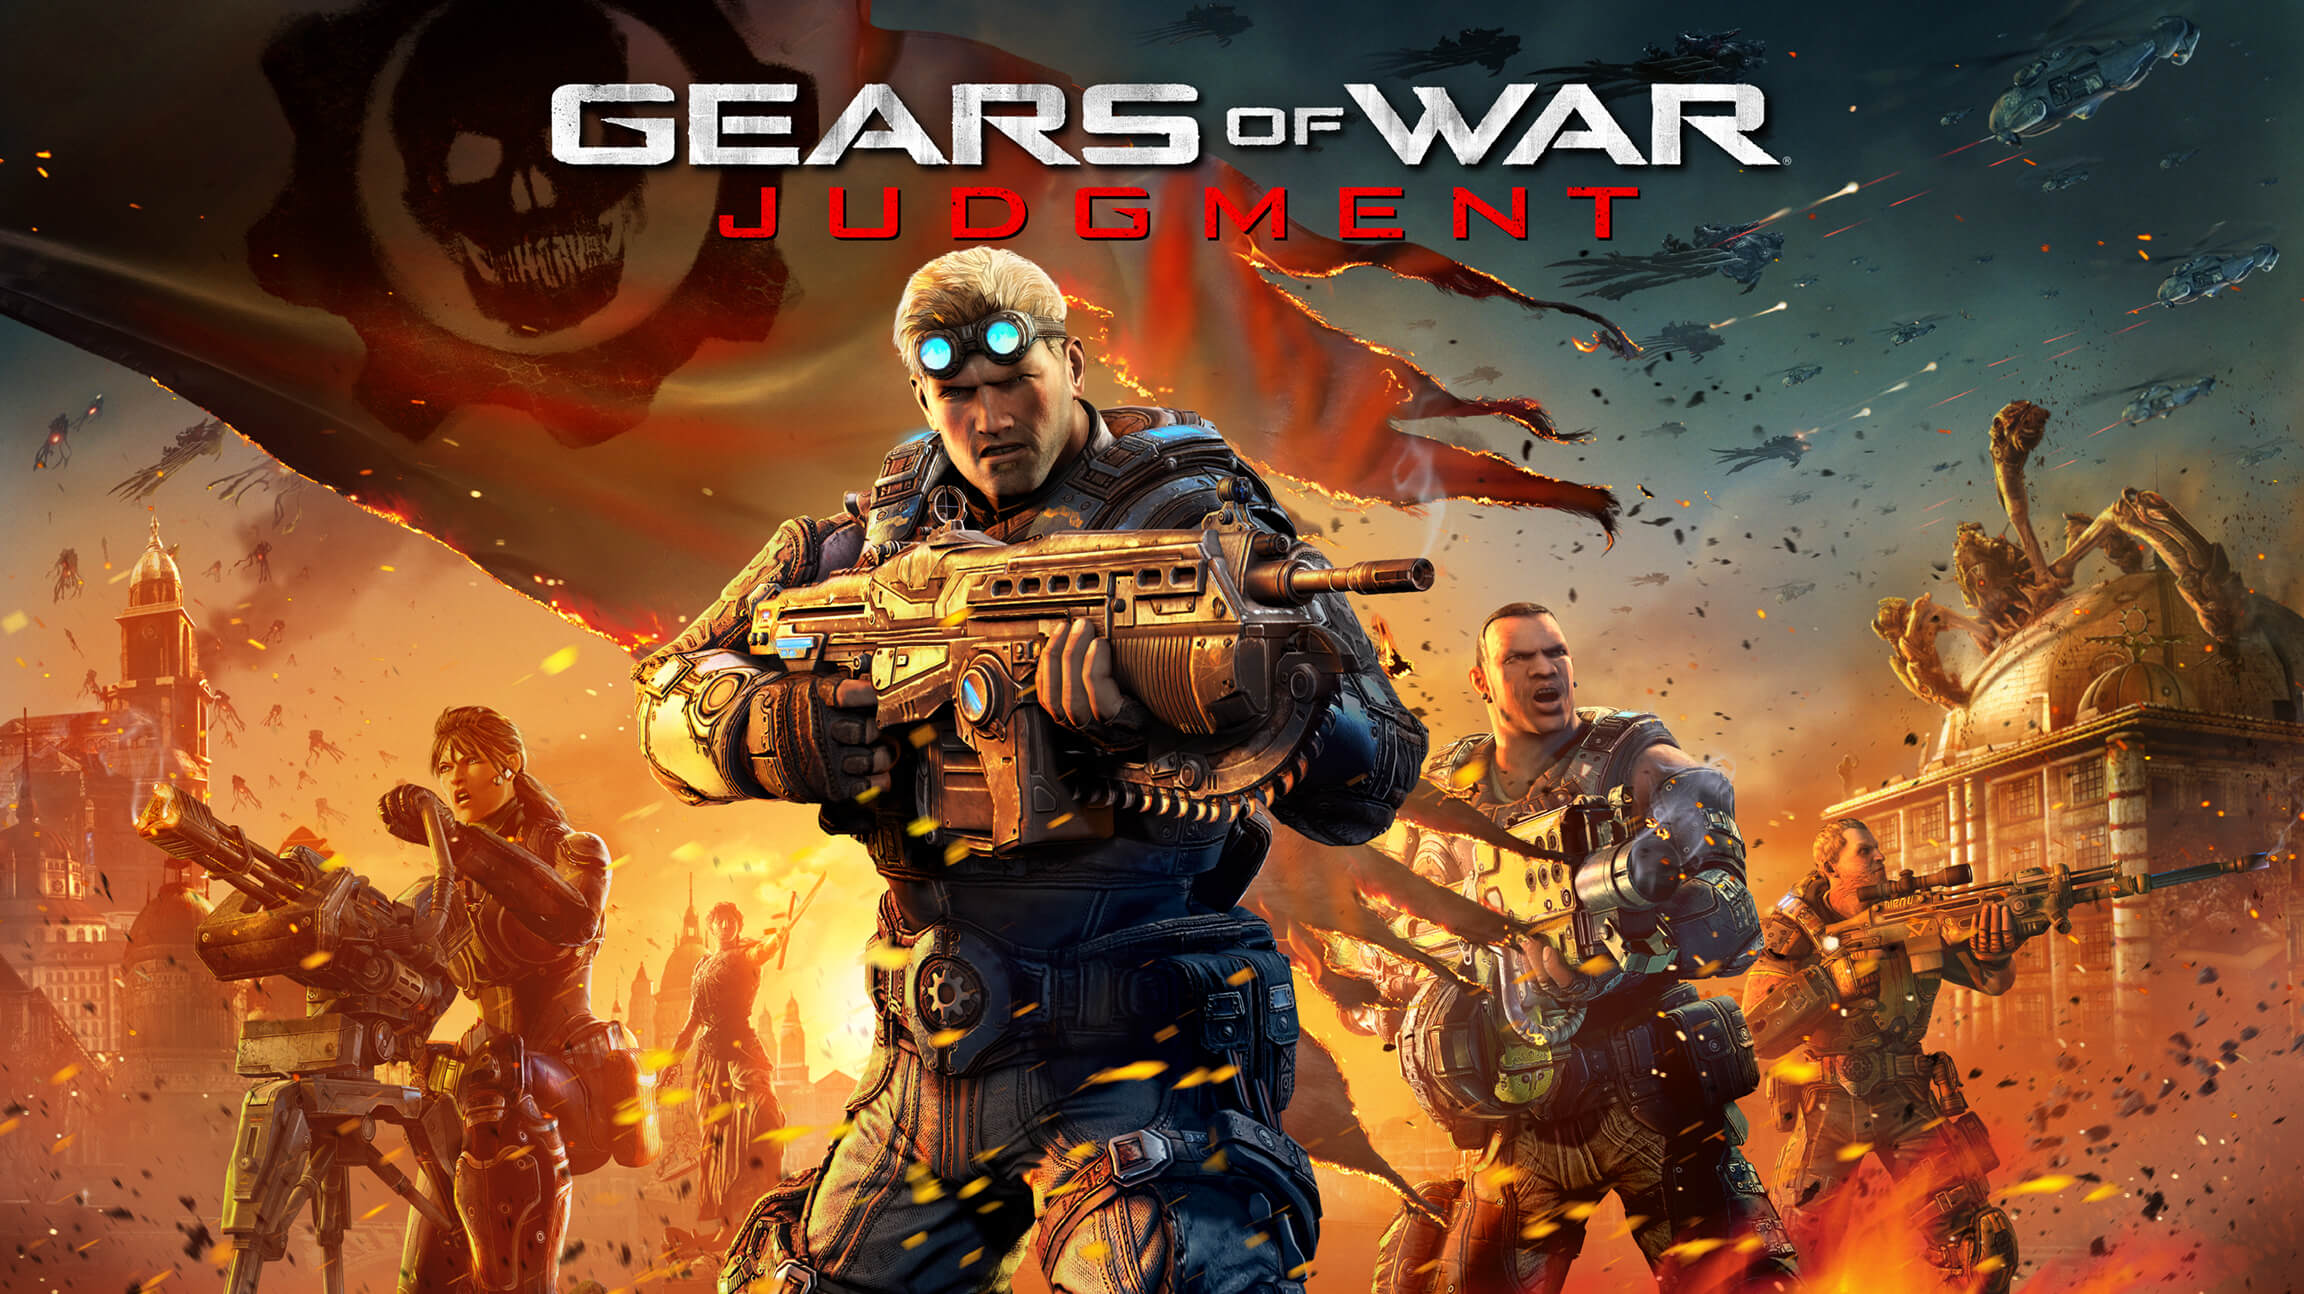 Gears of War: Judgment (Spike VGAs)